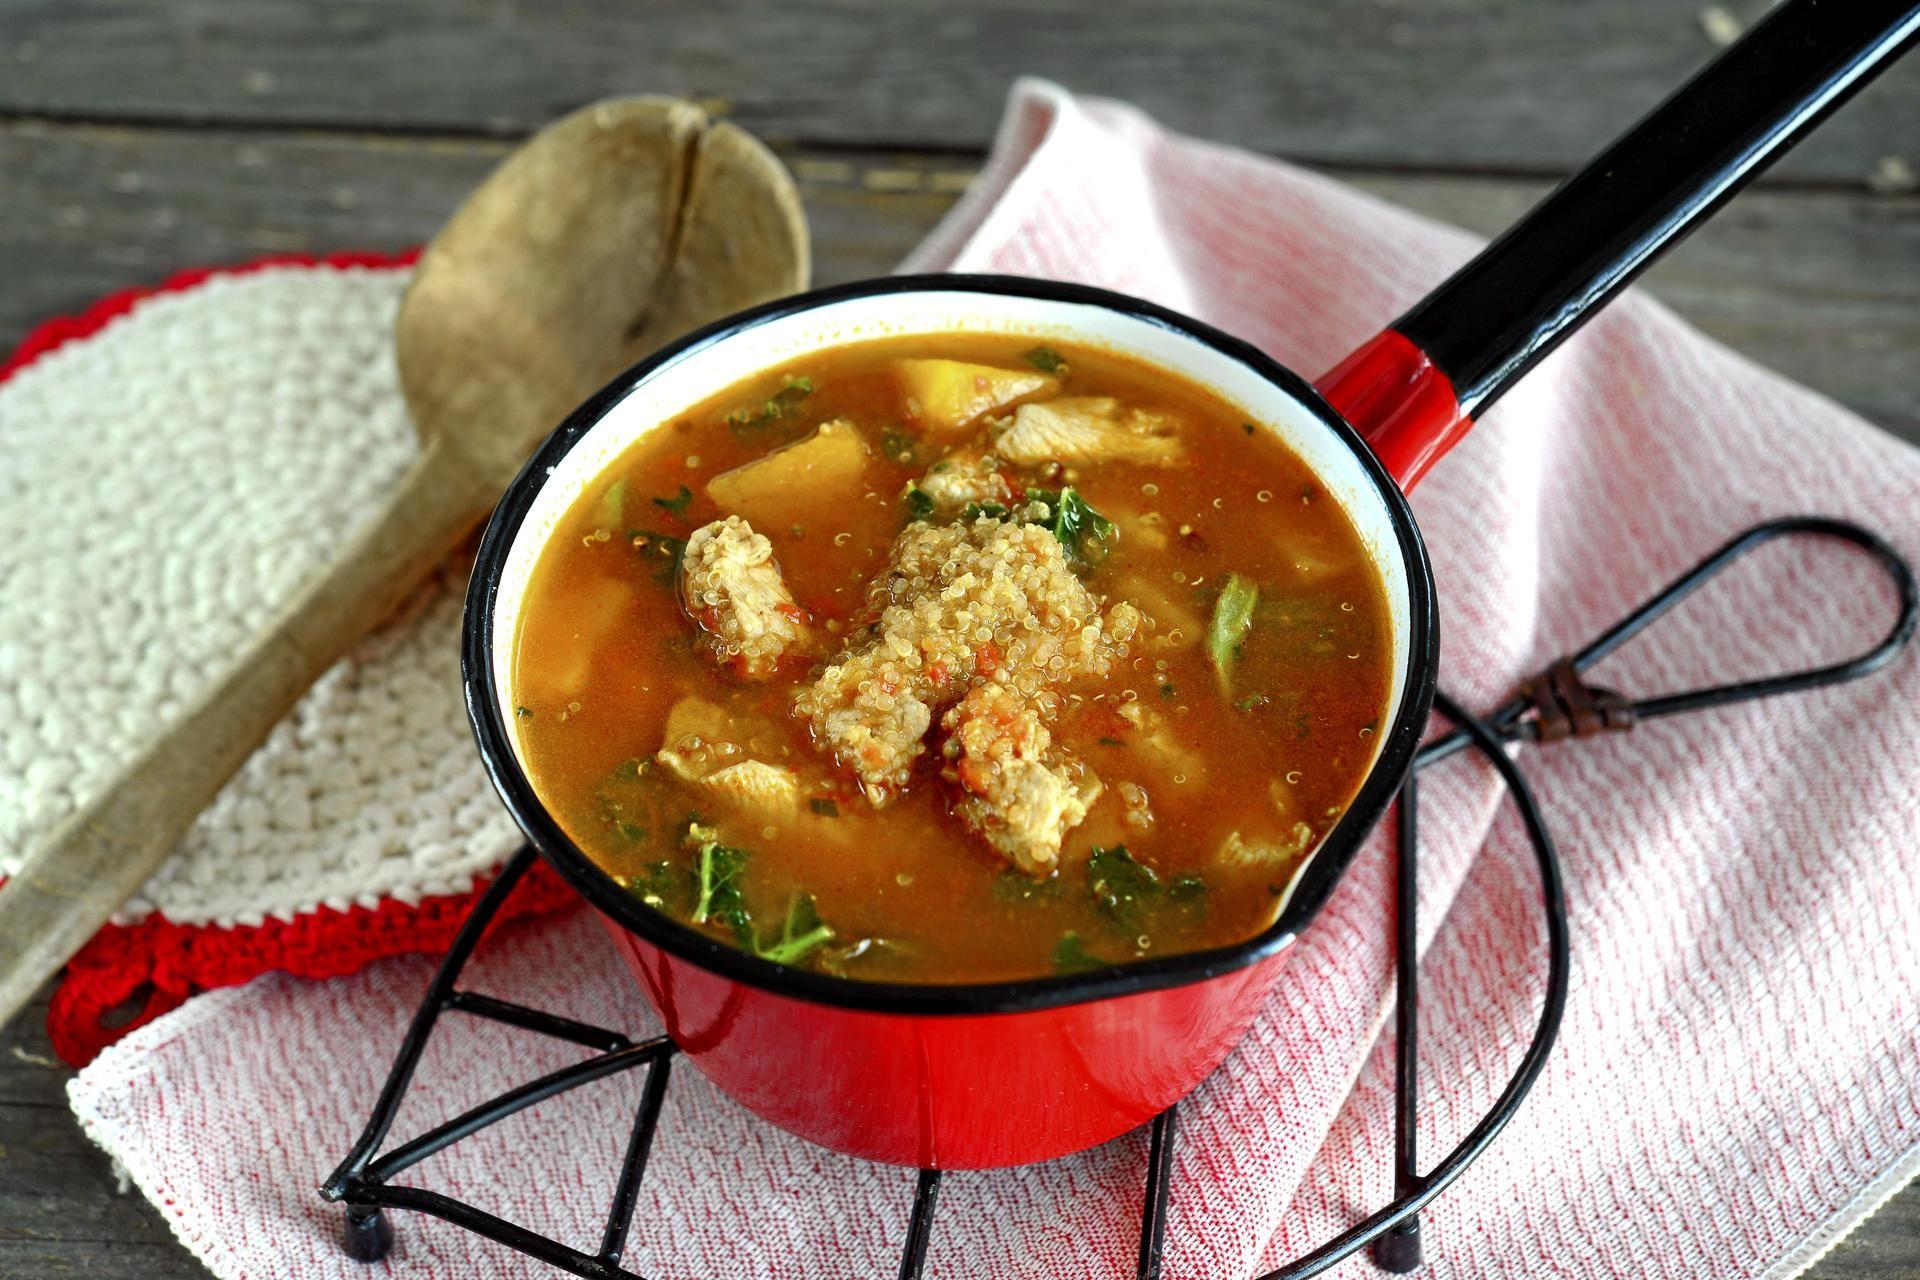 Valmistusainekset: ½ kurpitsa kuutioituna 3 valkosipulinkynttä 1 rkl mausteseosta, jossa on juustokuminaa, jauhettua korianteria, savupaprikajauhetta ja chiliro